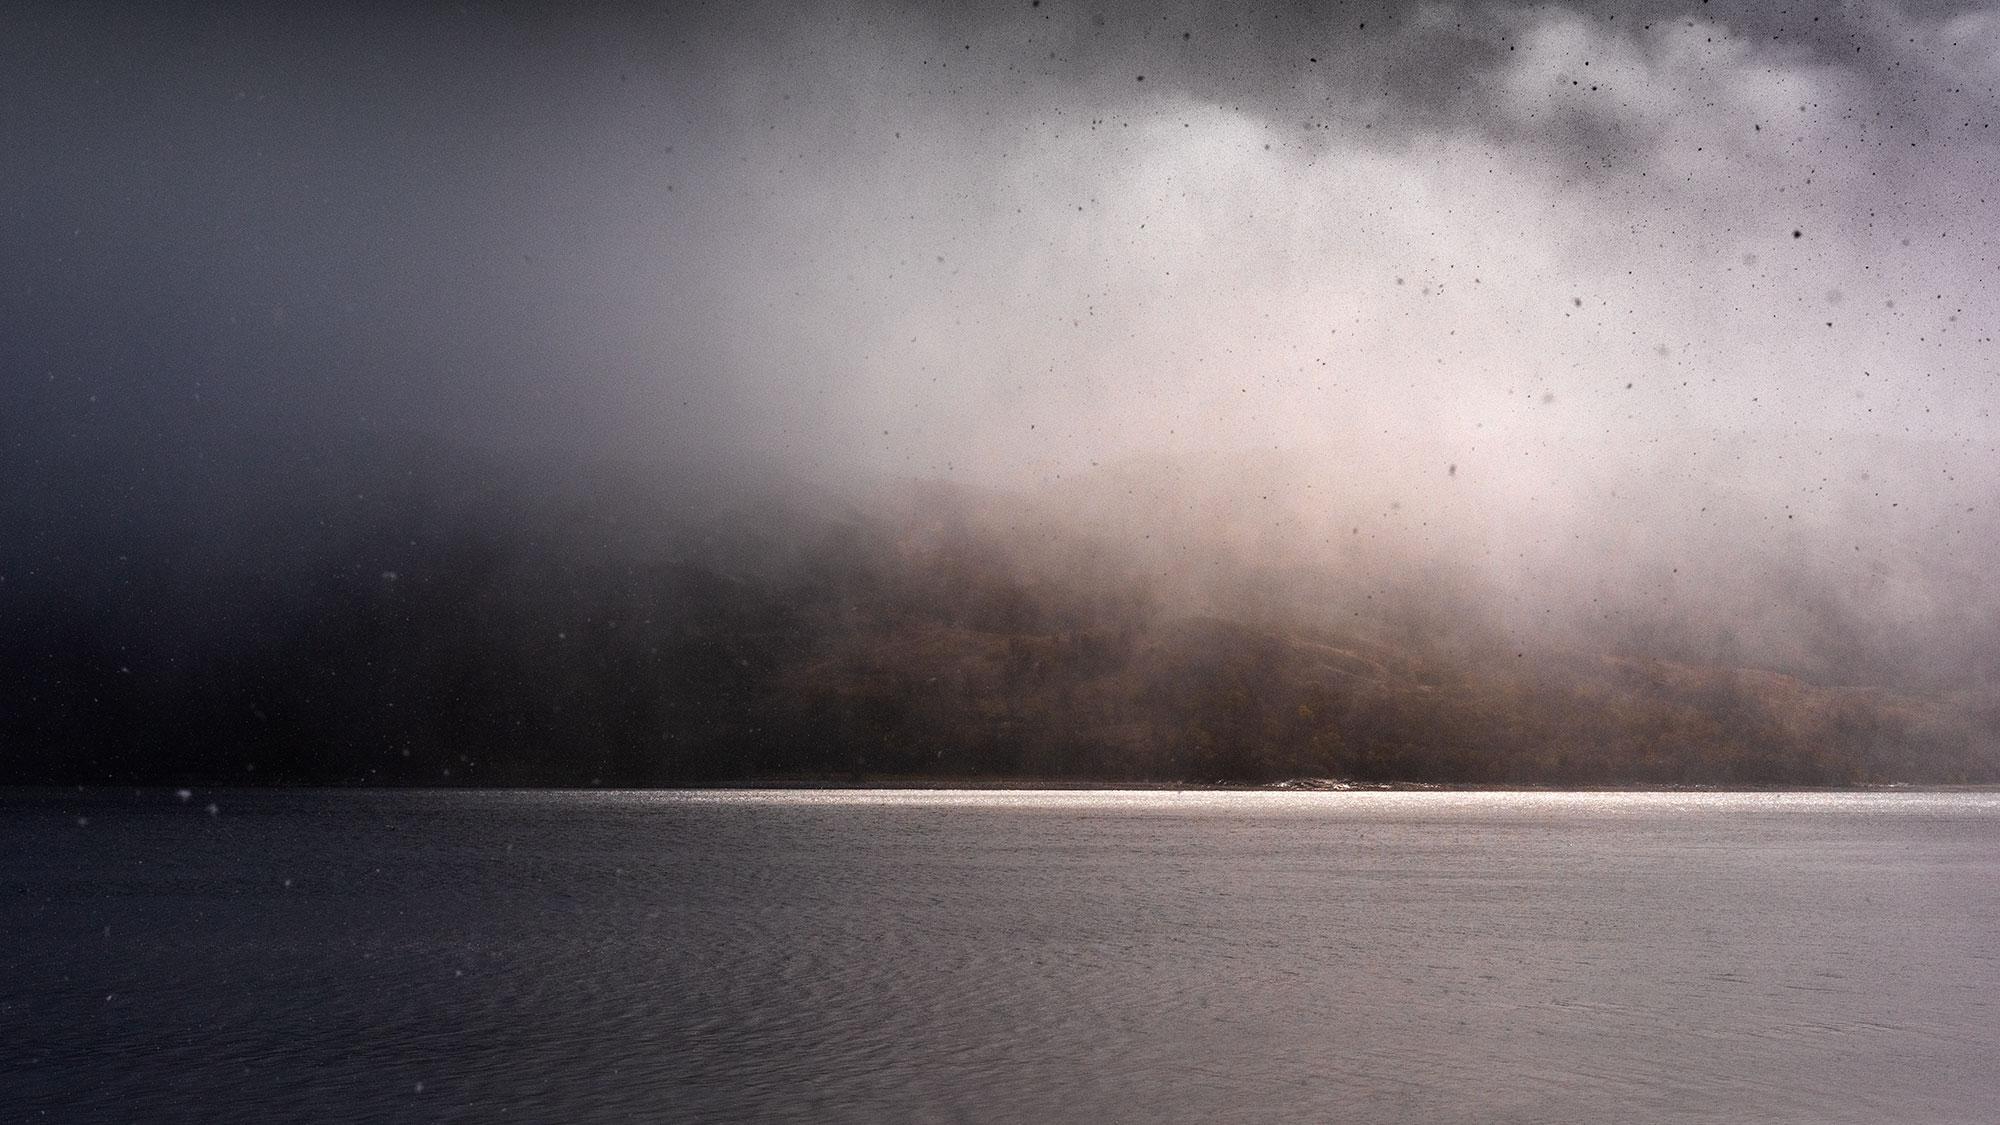 Lac d'Ecosse enveloppé de brouillard.